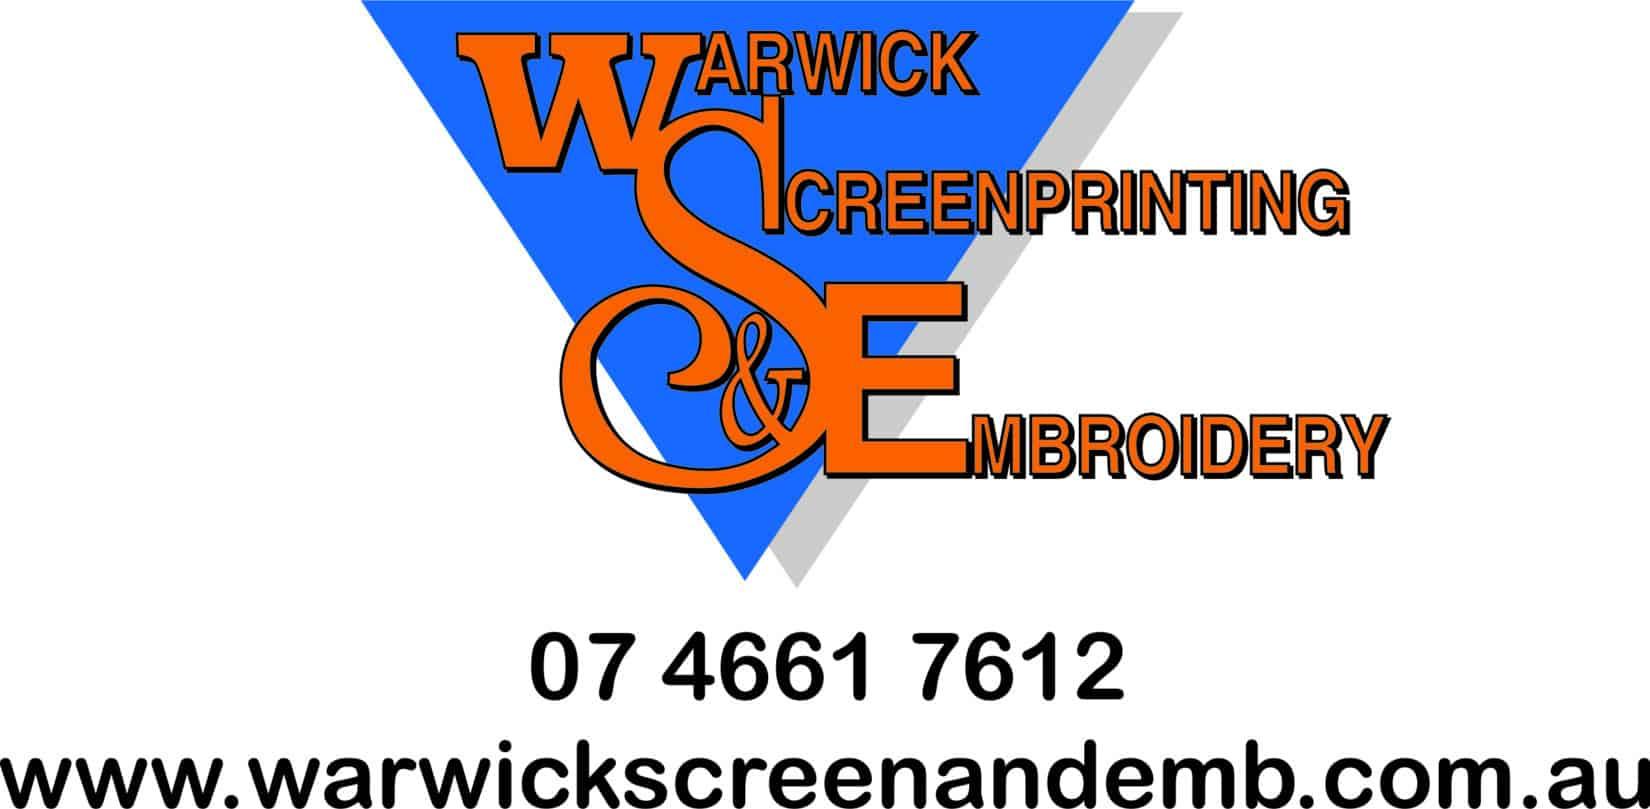 Warwick Screenprinting & Embroidery